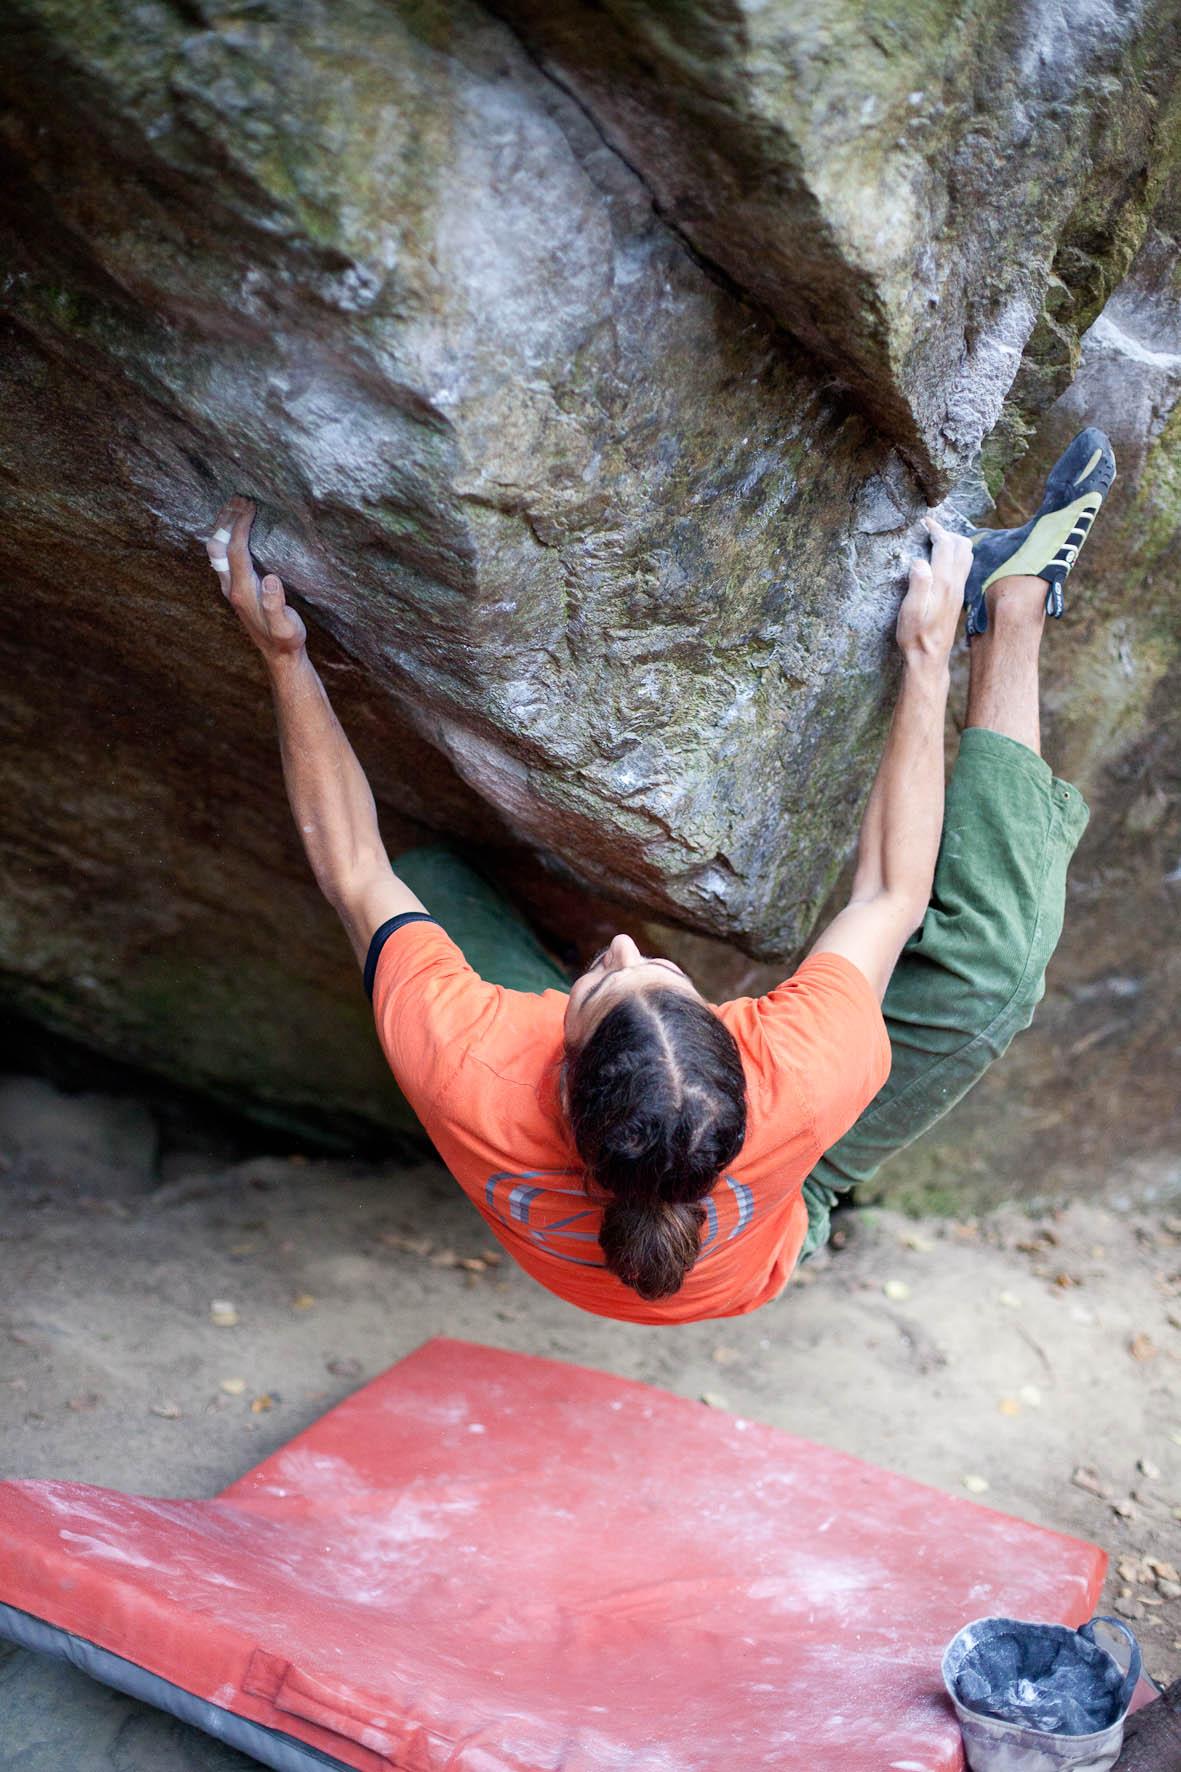 8A Boulder von Markus Schwaiger, ph: Ronald Raggl